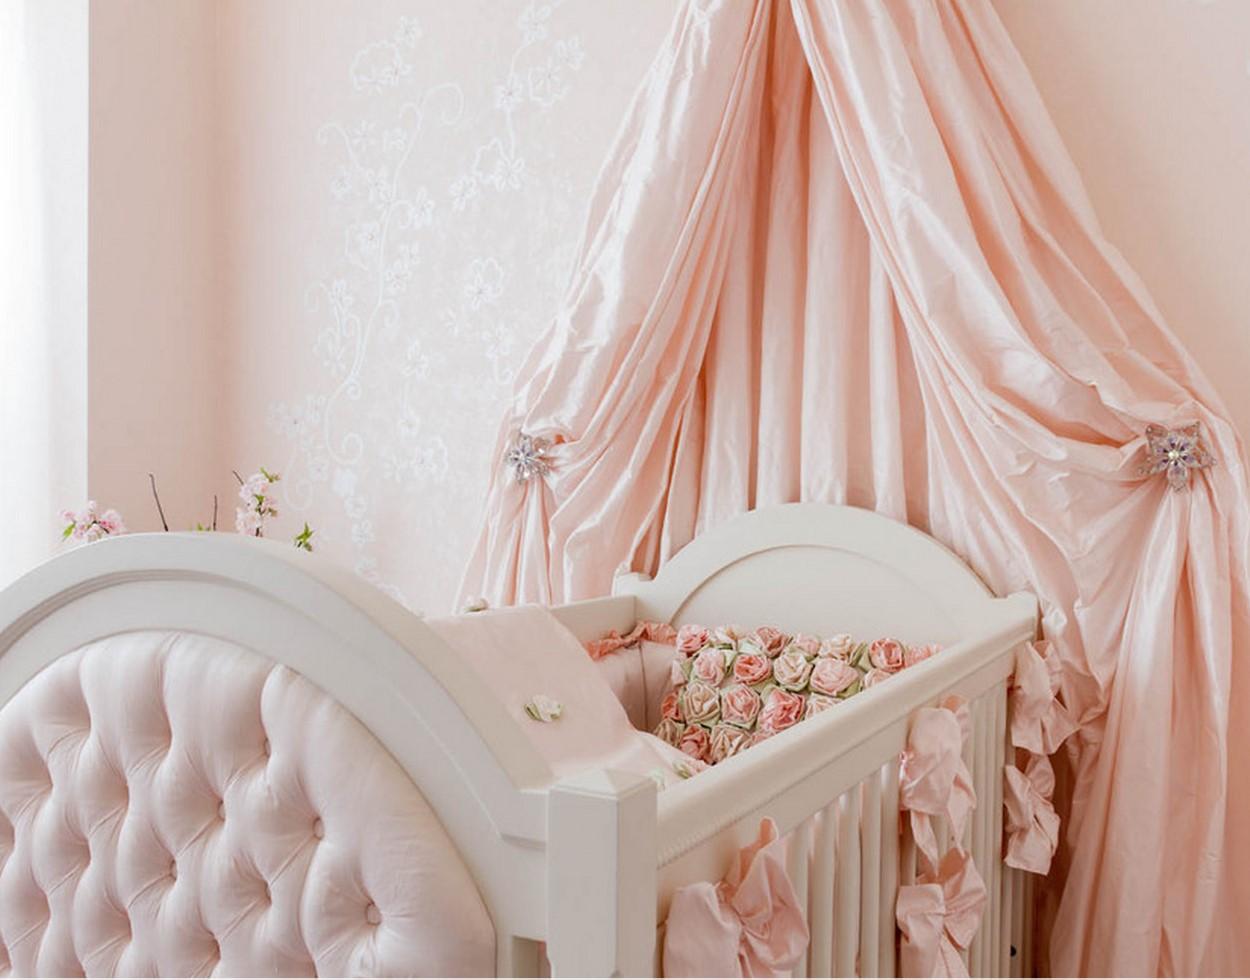 Кроватка с балдахином для новорожденного своими руками 29